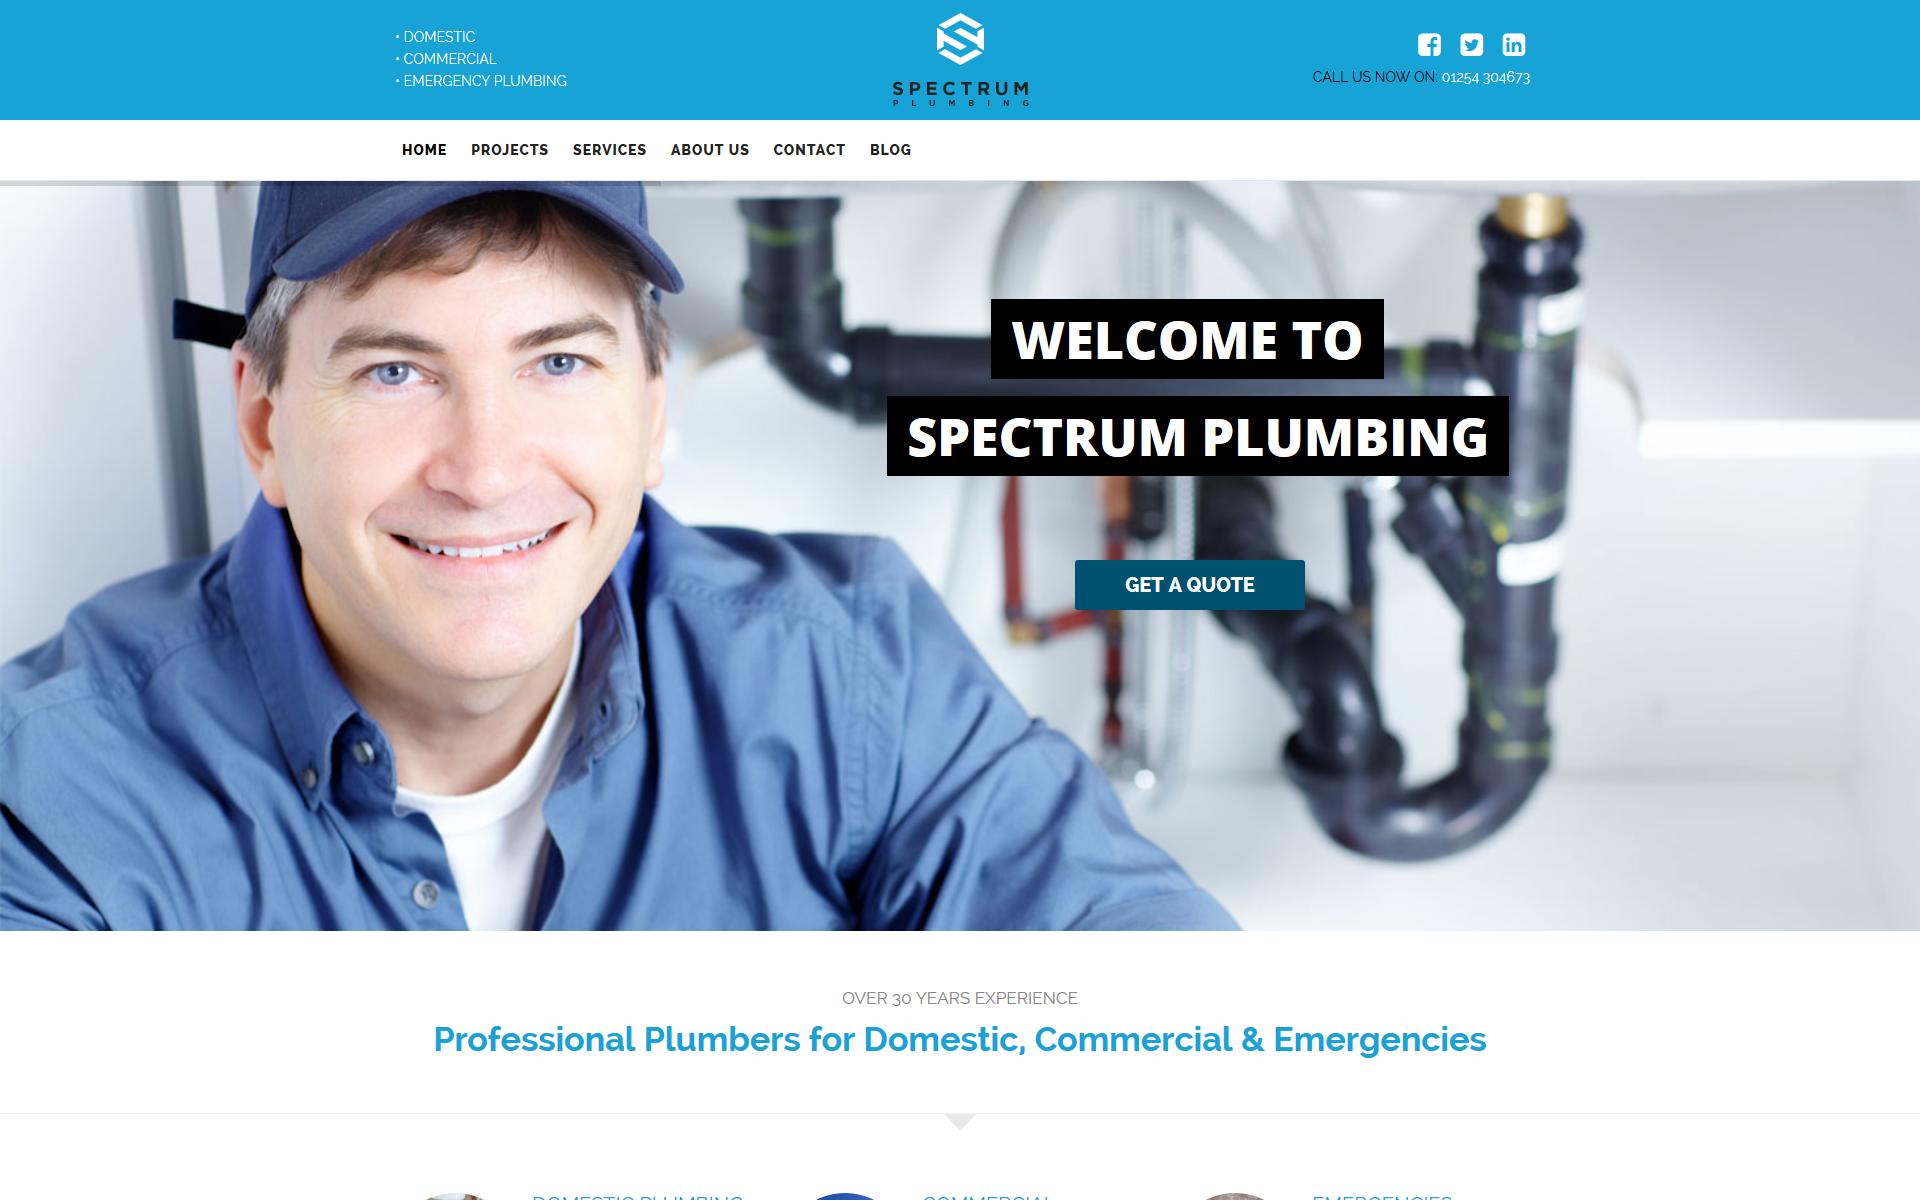 sp-plumbing-home-screen